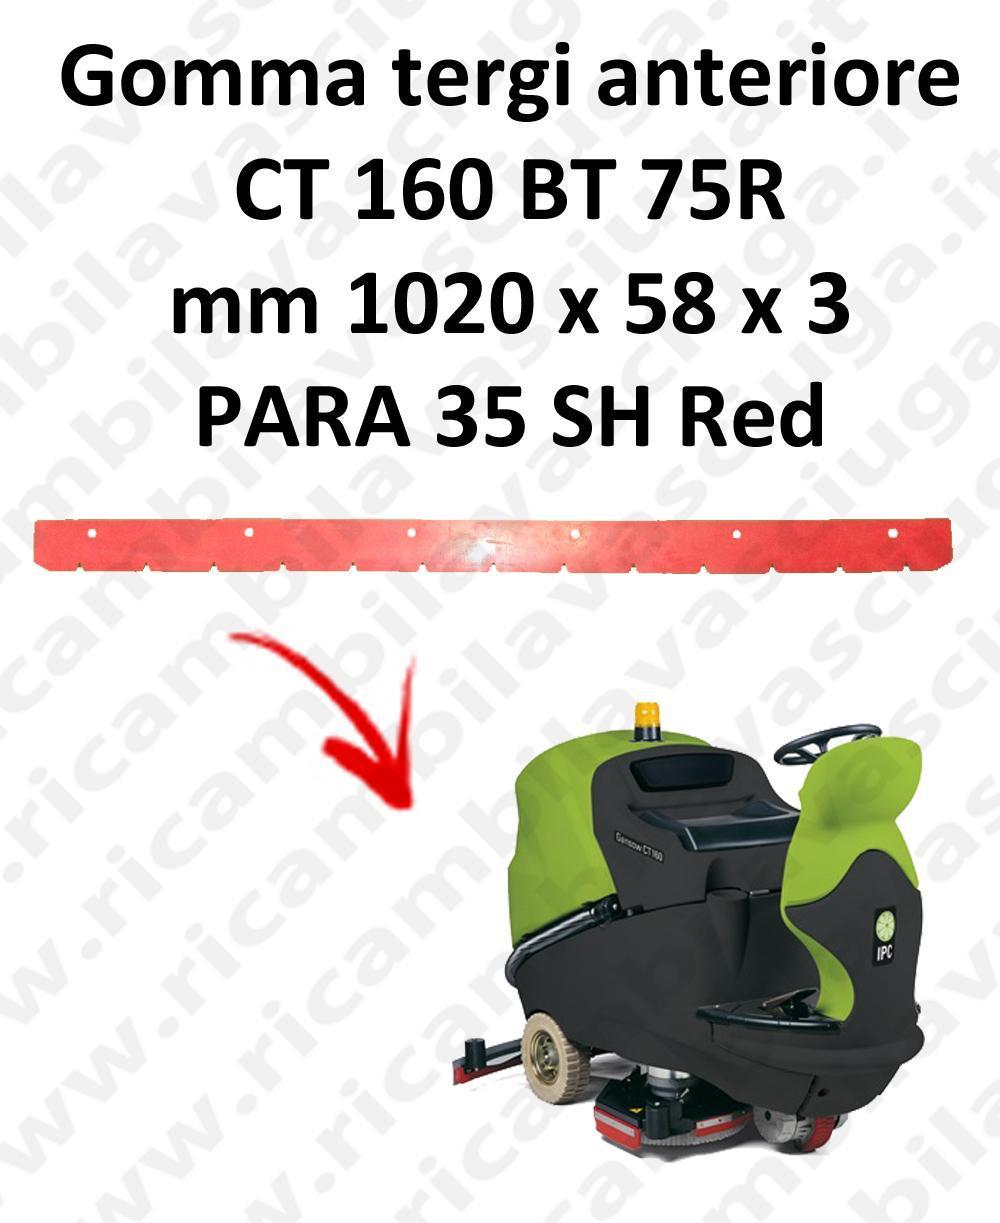 CT 160 BT 75R Vorne sauglippen für scheuersaugmaschinen IPC